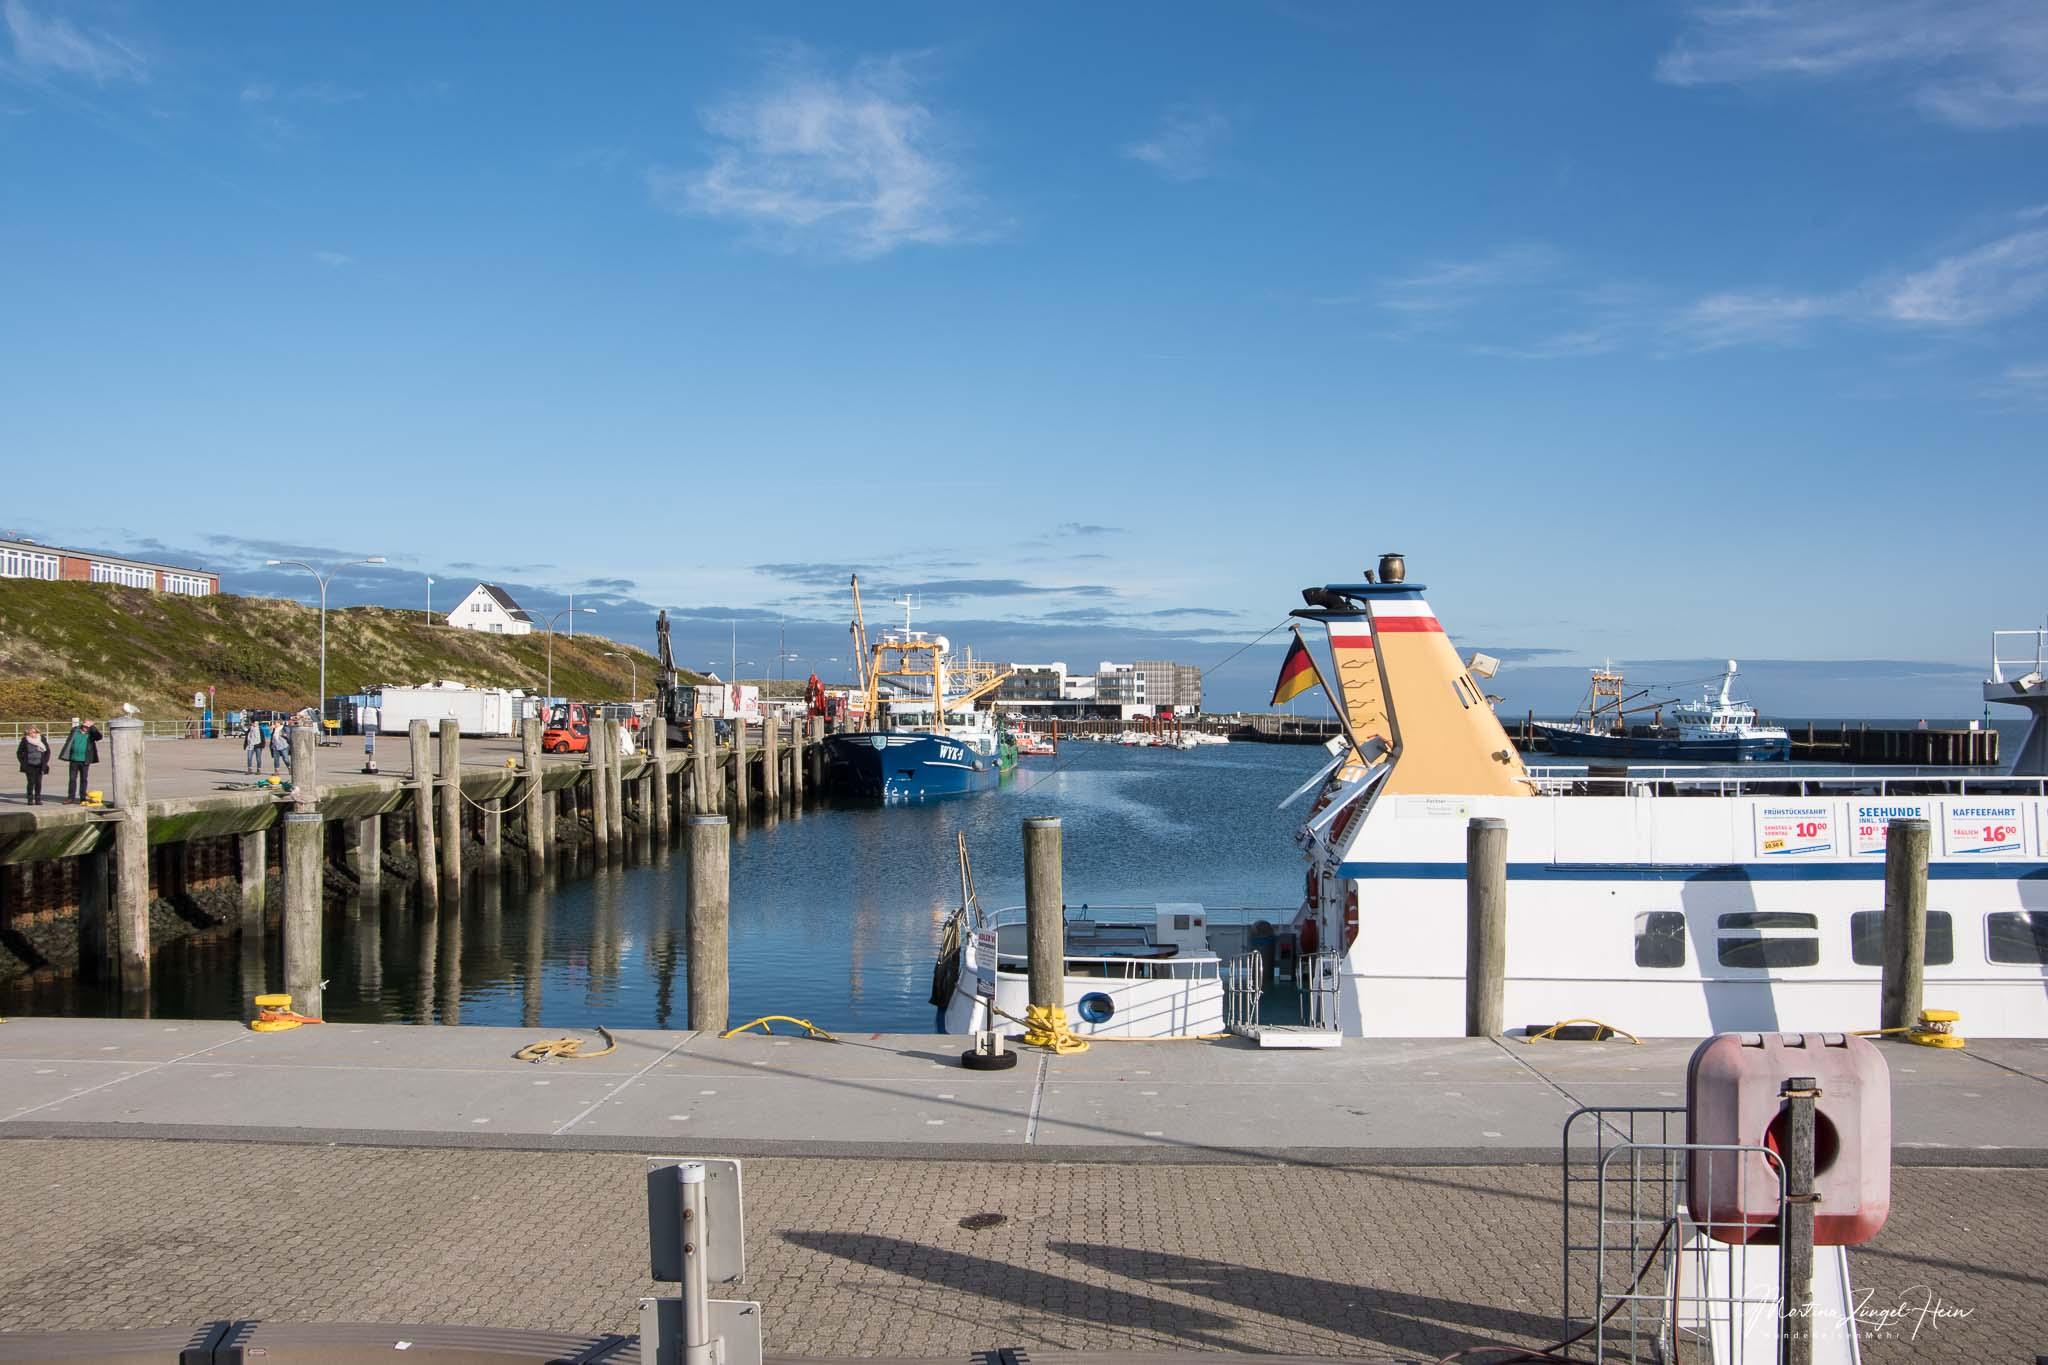 Der Hafen von Hörnum ist Startpunkt der Wanderung